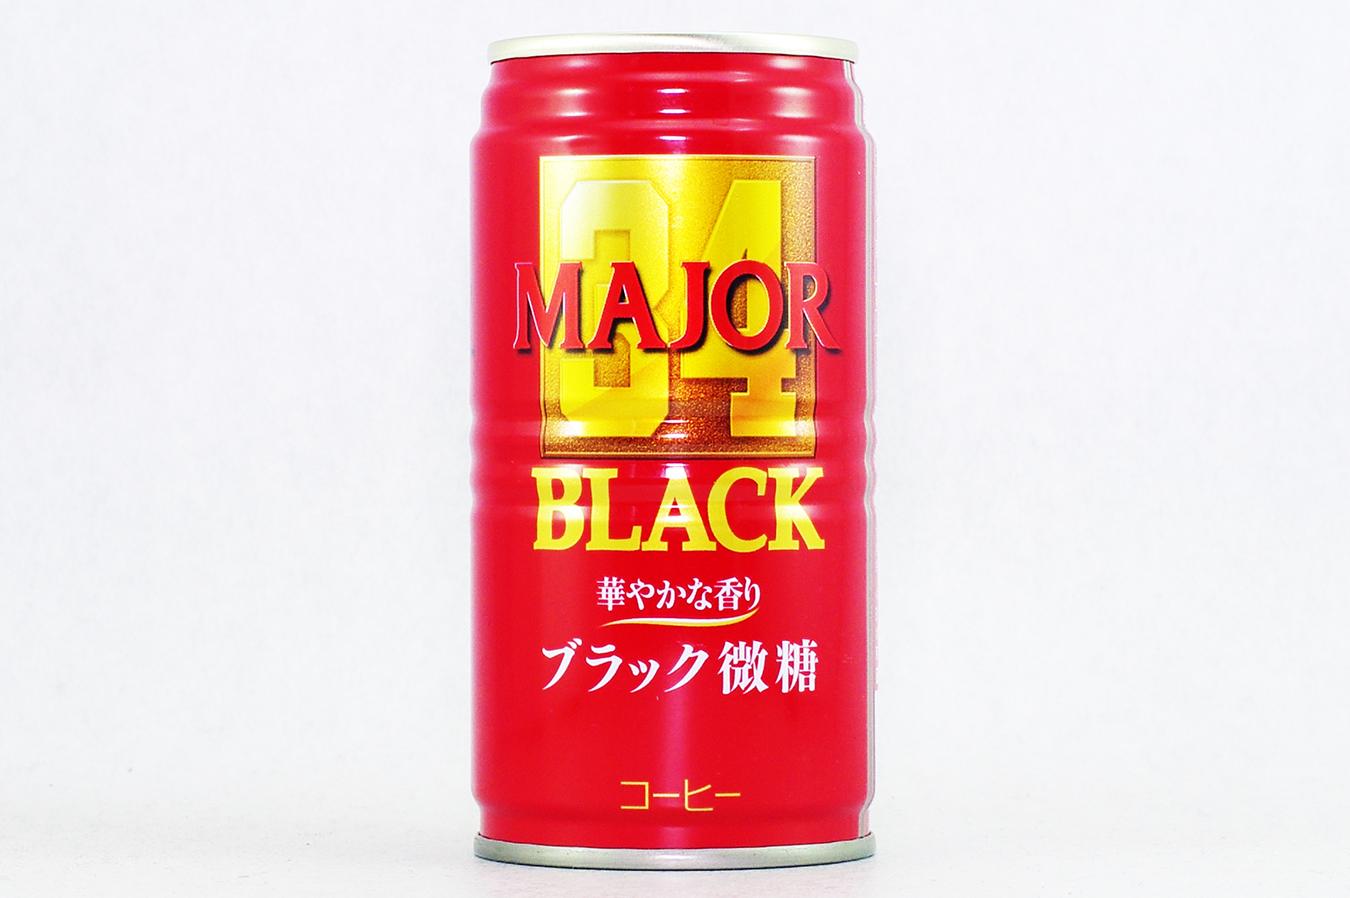 MAJOR 華やかな香り ブラック微糖